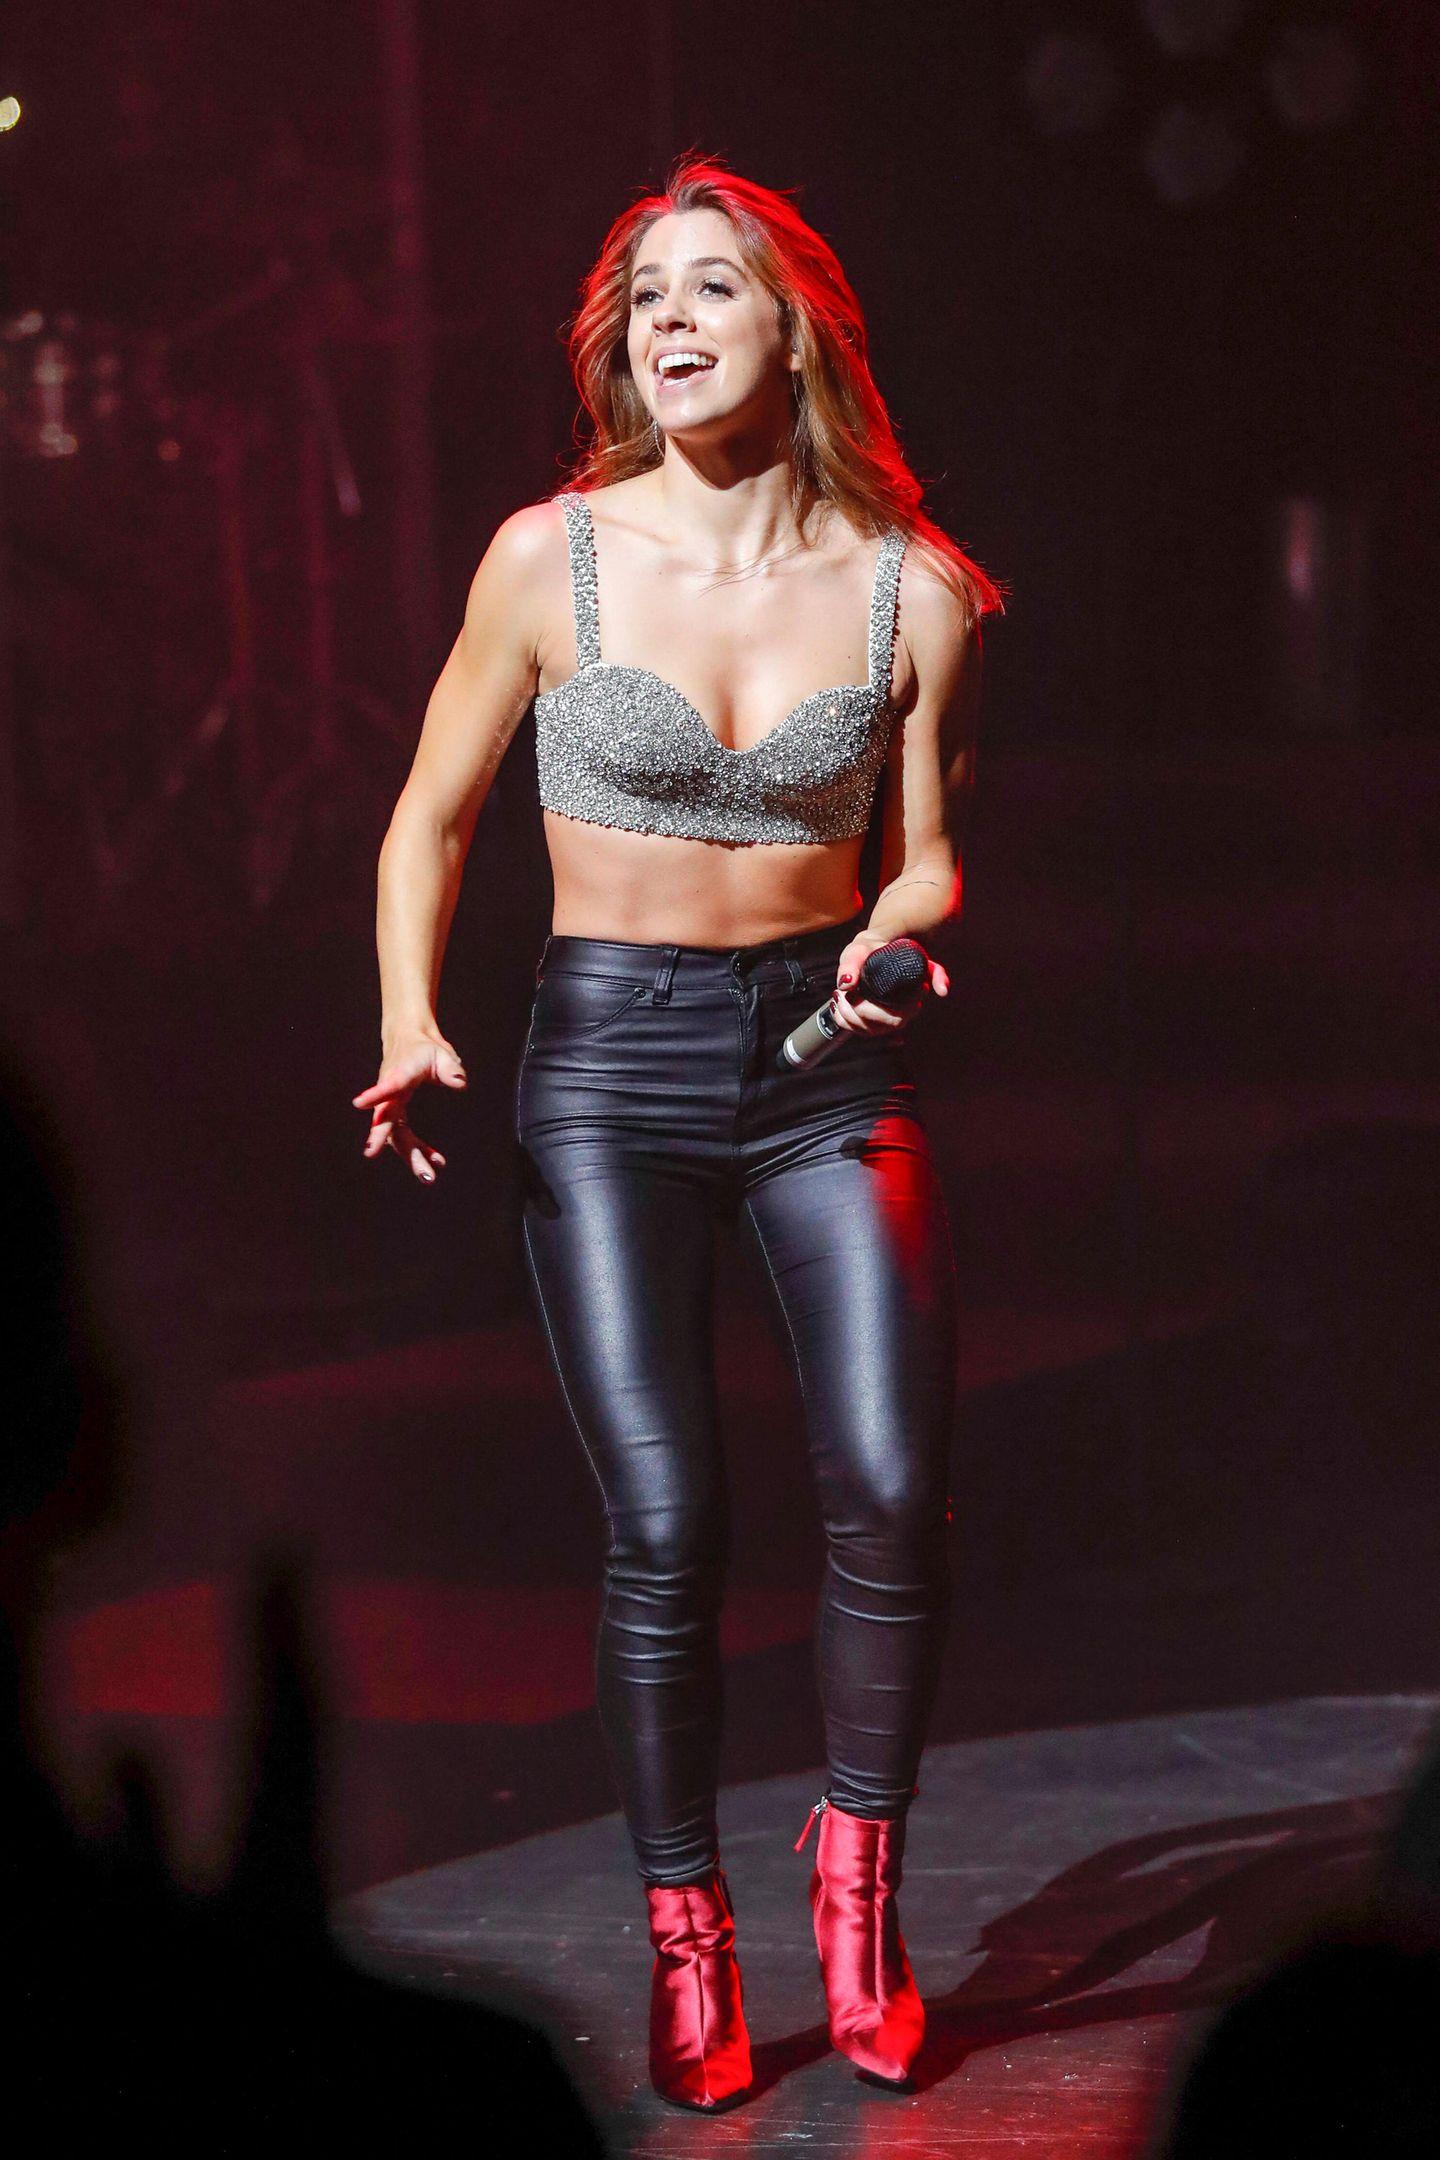 Die glänzenden Booties in Metall-Optik runden das Bühnenoutfit von Vanessa Maigekonnt ab. Die Sängerin ist allerdings nicht der einzige Schlagerstar, der auf der Bühne in einem sexy Rocker-Look überzeugt. Auch das Outfit von Kollegin Michelle kann sich sehen lassen. Sehen Sie selbst, auf dem nächsten Bild